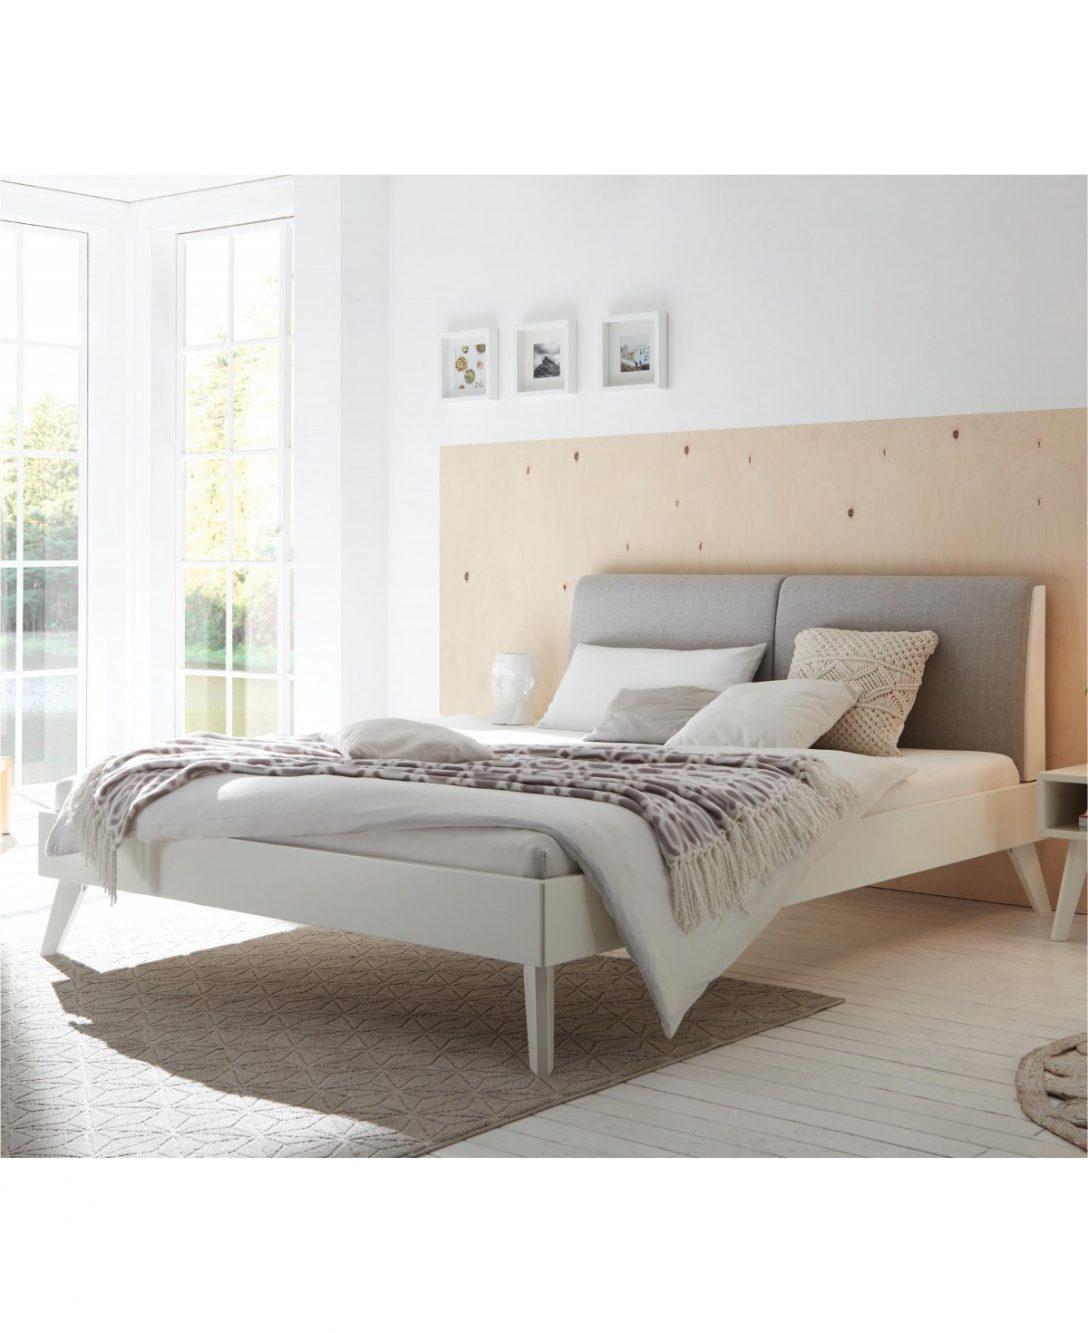 Large Size of Bett Weiß 140x200 Flexa Betten 200x200 Ausstellungsstück Schwarz Trends Mit Gepolstertem Kopfteil Matratze Und Lattenrost Regale Düsseldorf Schubladen Bett Bett Weiß 140x200